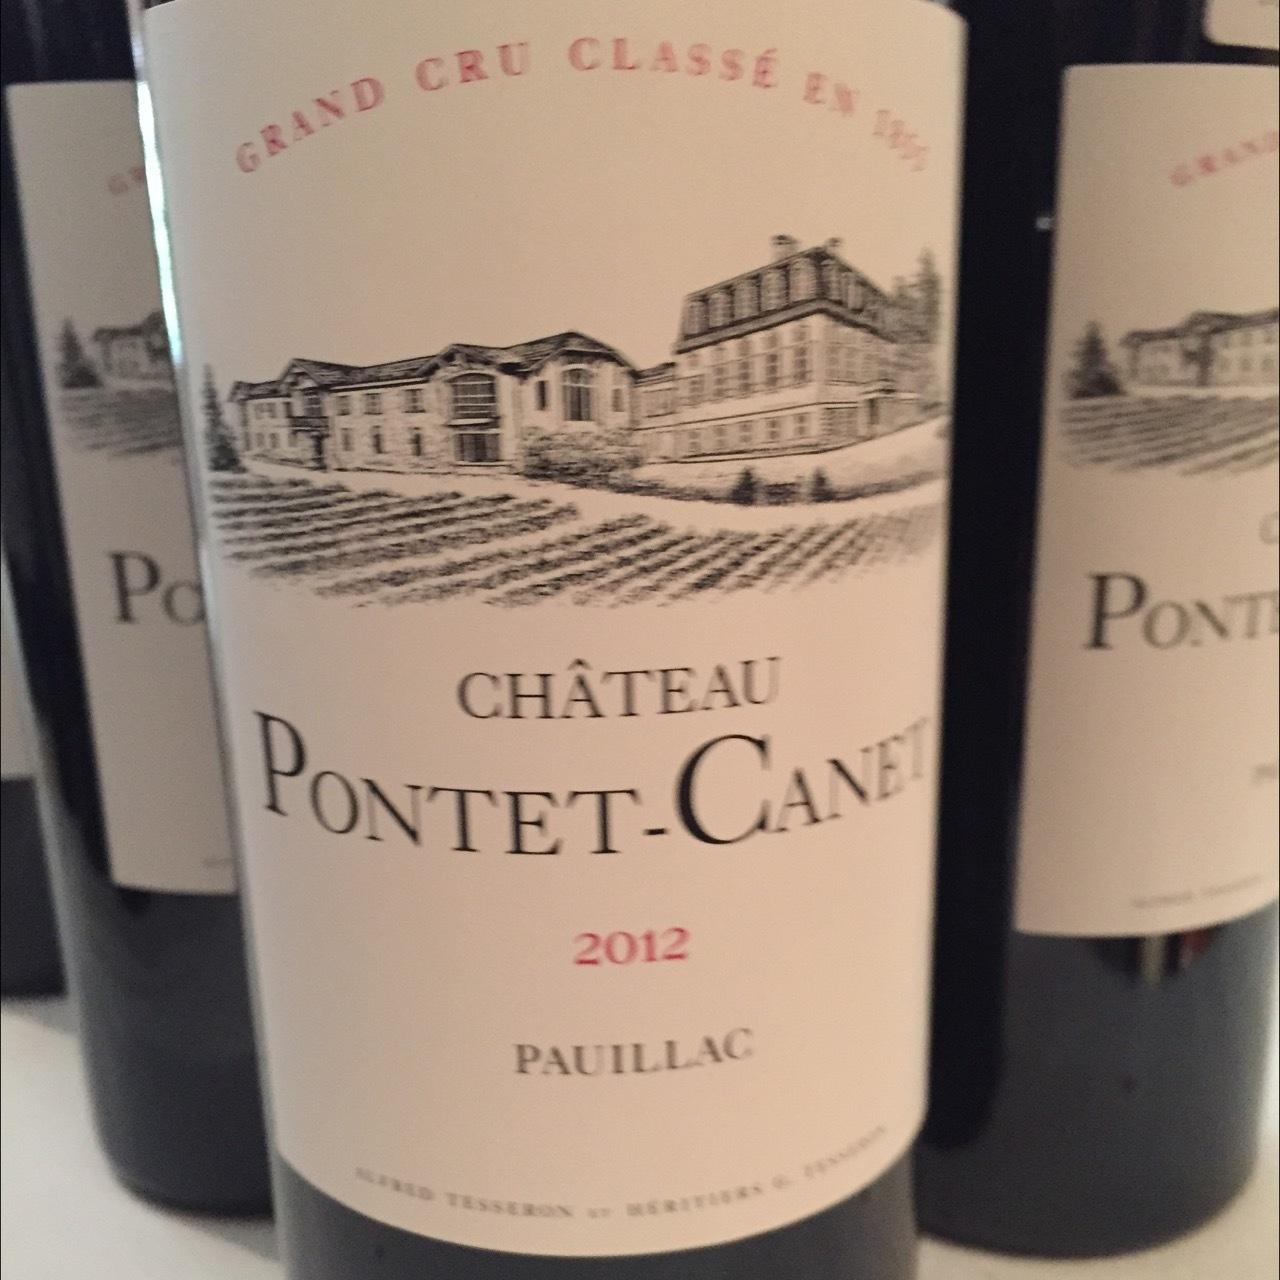 Château Pontet-Canet Pauillac Red Bordeaux Blend 2012